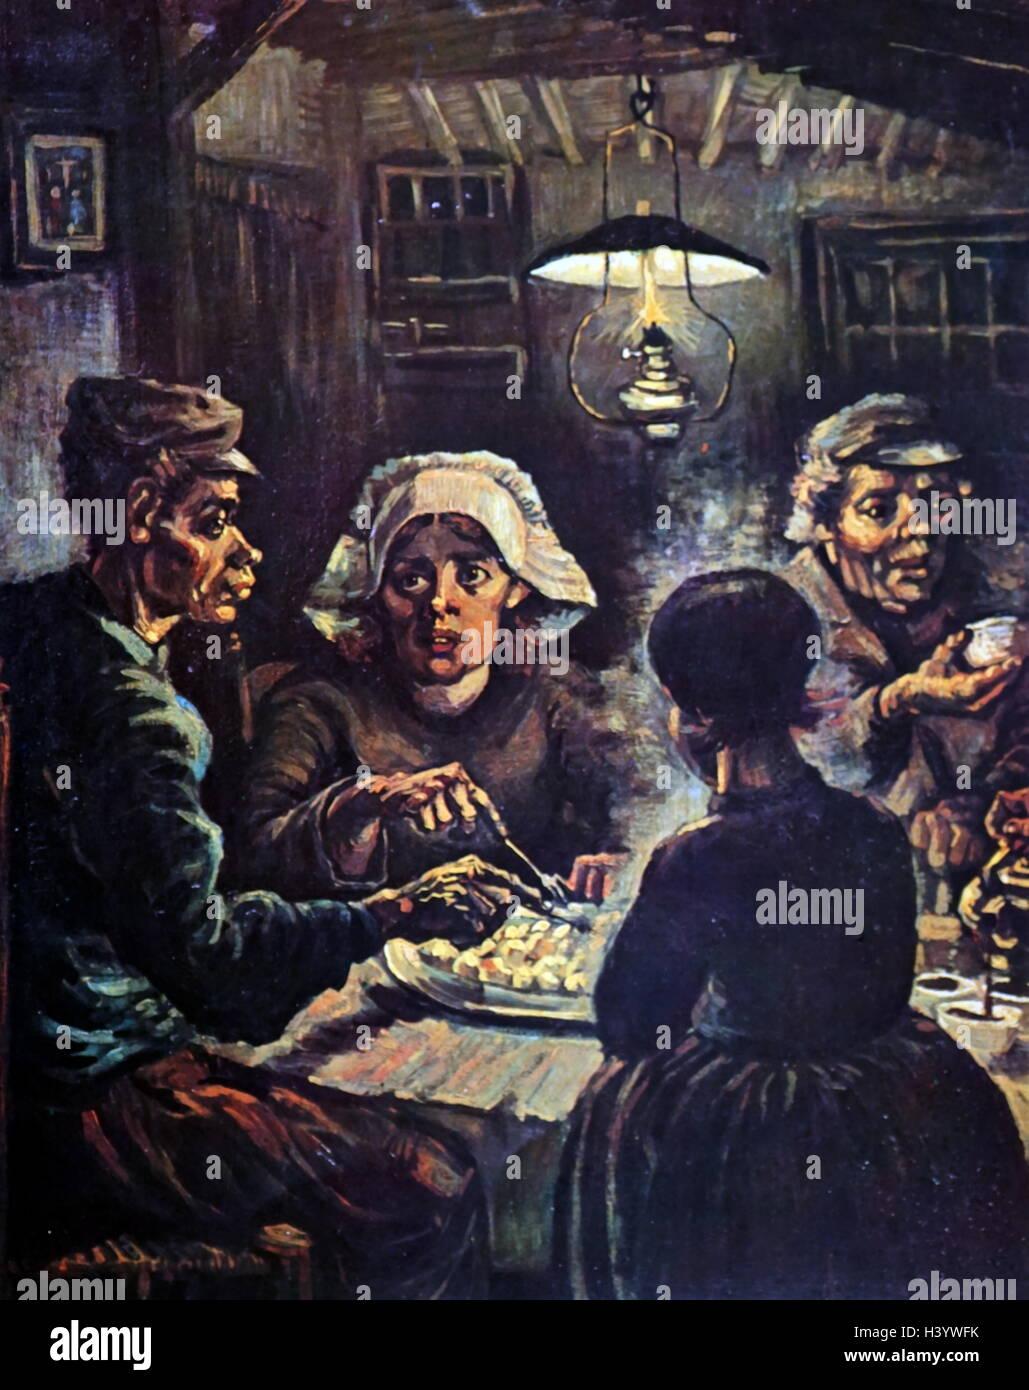 Les Mangeurs De Pomme De Terre : mangeurs, pomme, terre, Potato, Eaters, Vincent, Resolution, Stock, Photography, Images, Alamy